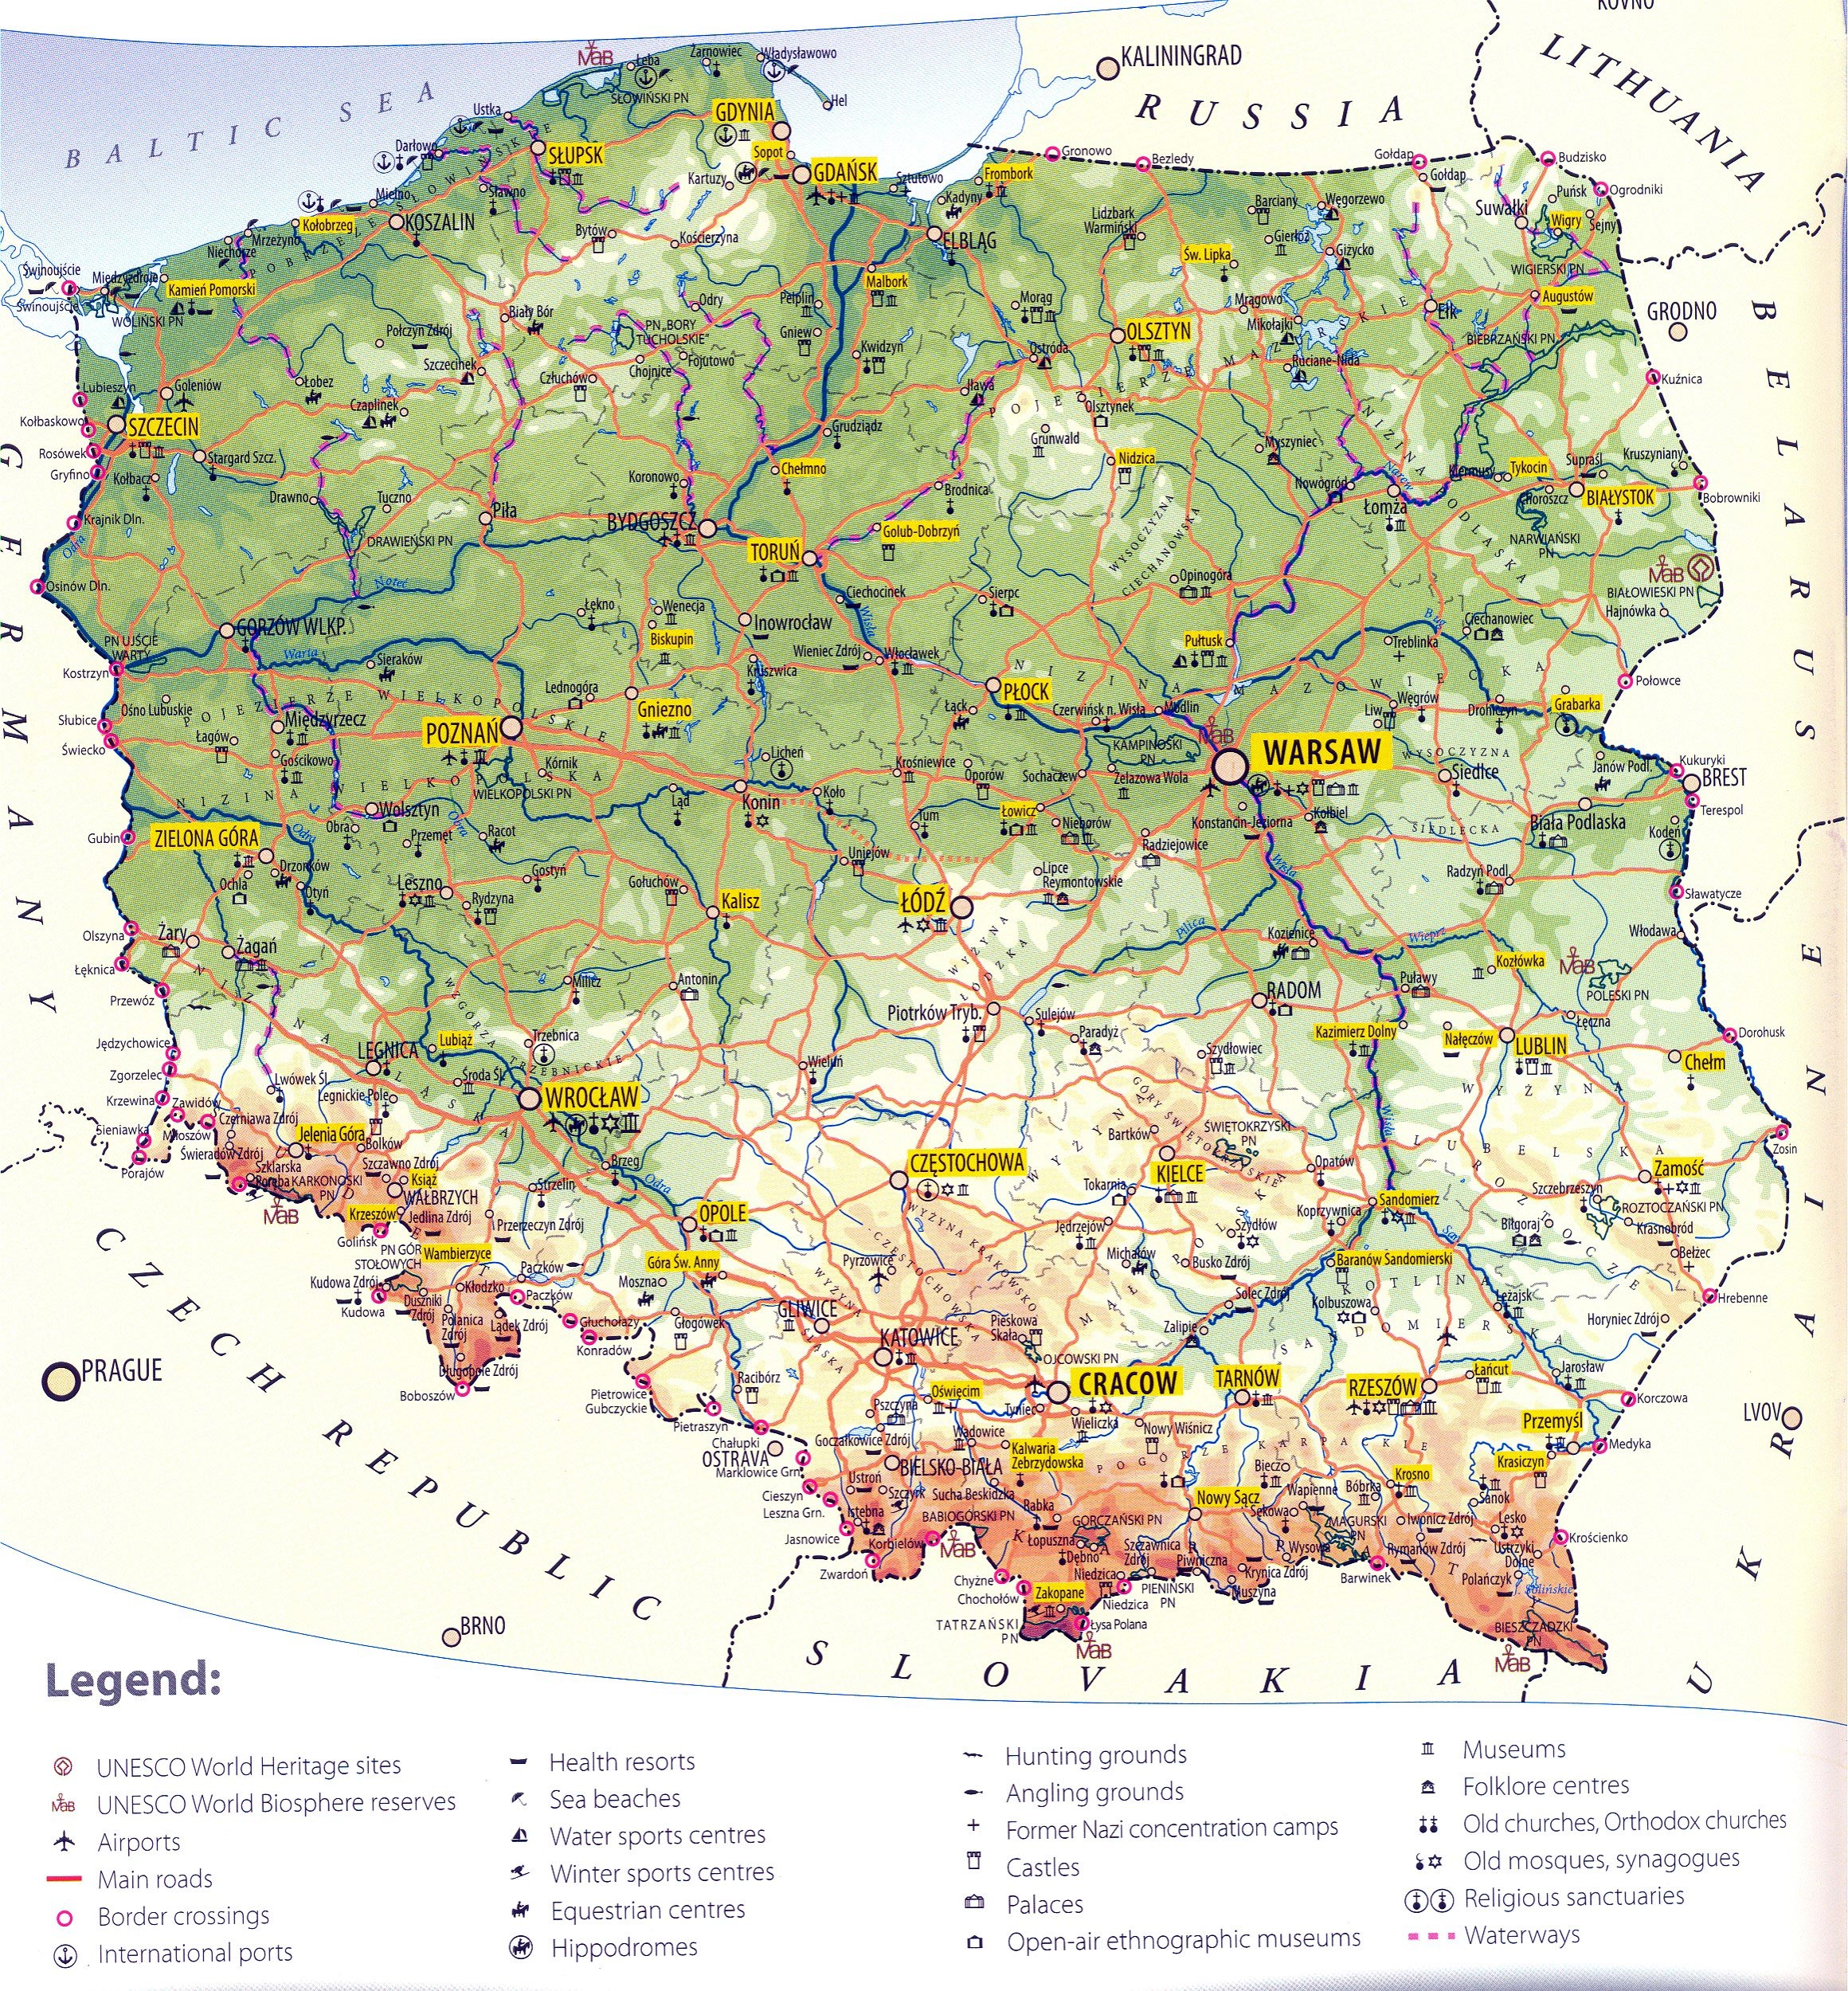 landkarte von polen Karten von Polen | Karten von Polen zum Herunterladen und Drucken landkarte von polen